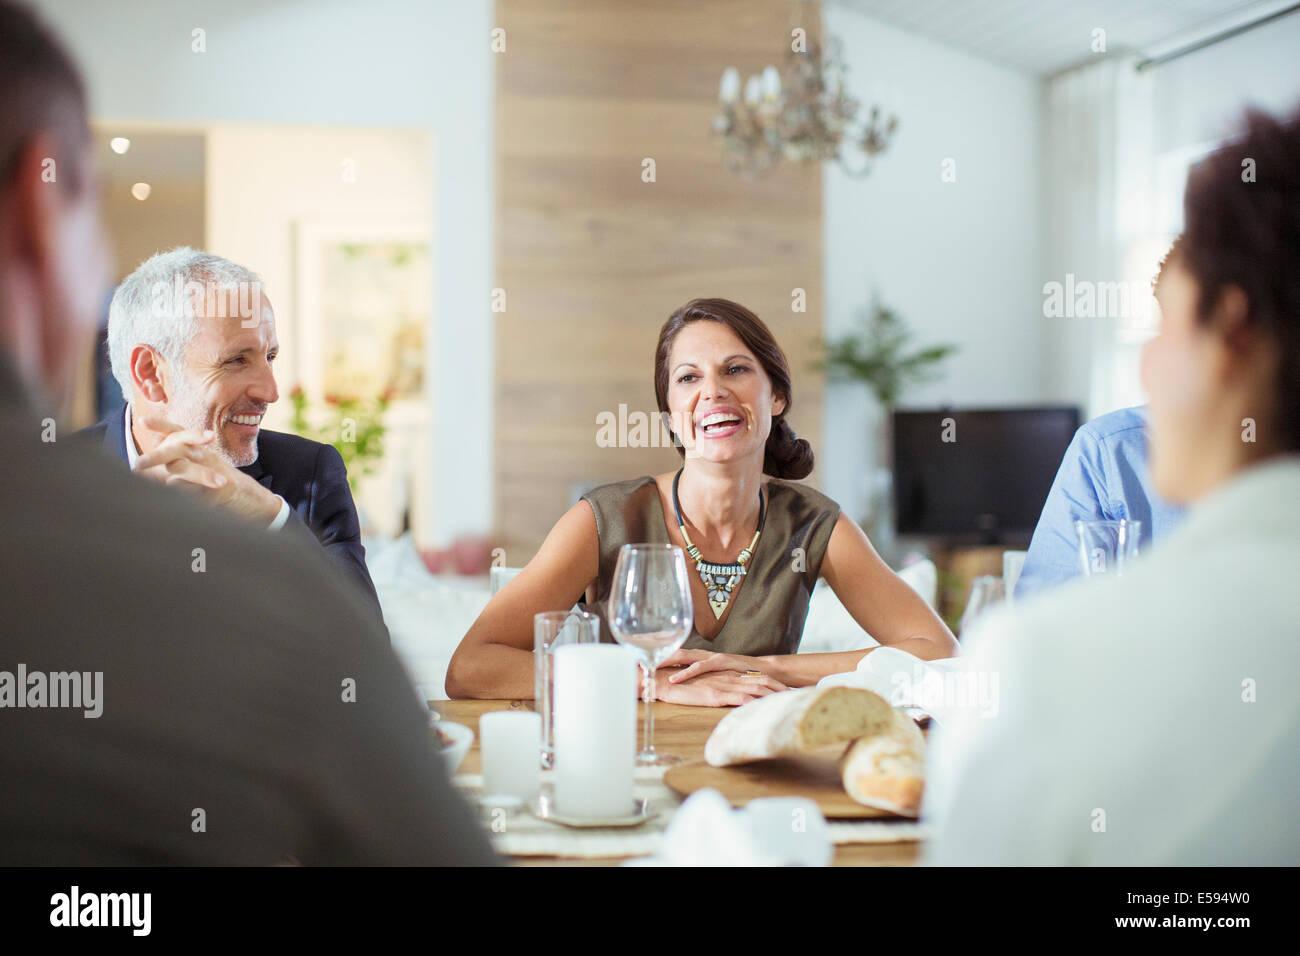 La gente hablando en la cena Imagen De Stock